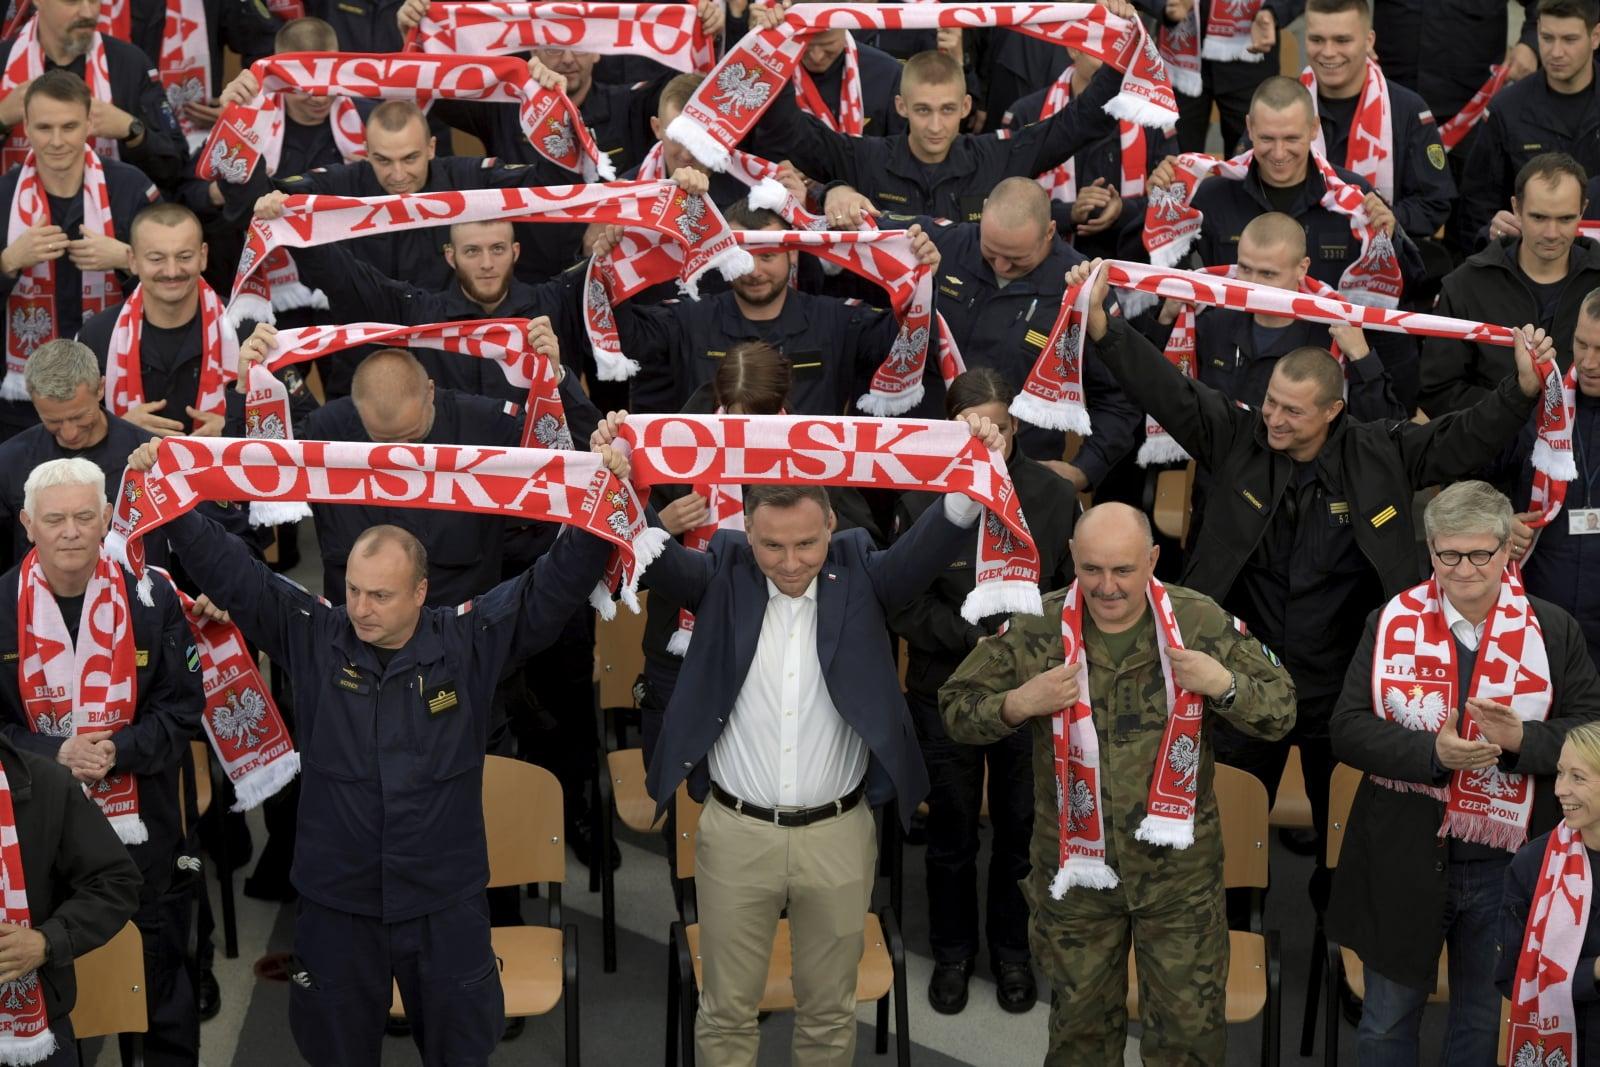 Prezydent Polski kibicuje reprezentacji fot. PAP/Adam Warzawa